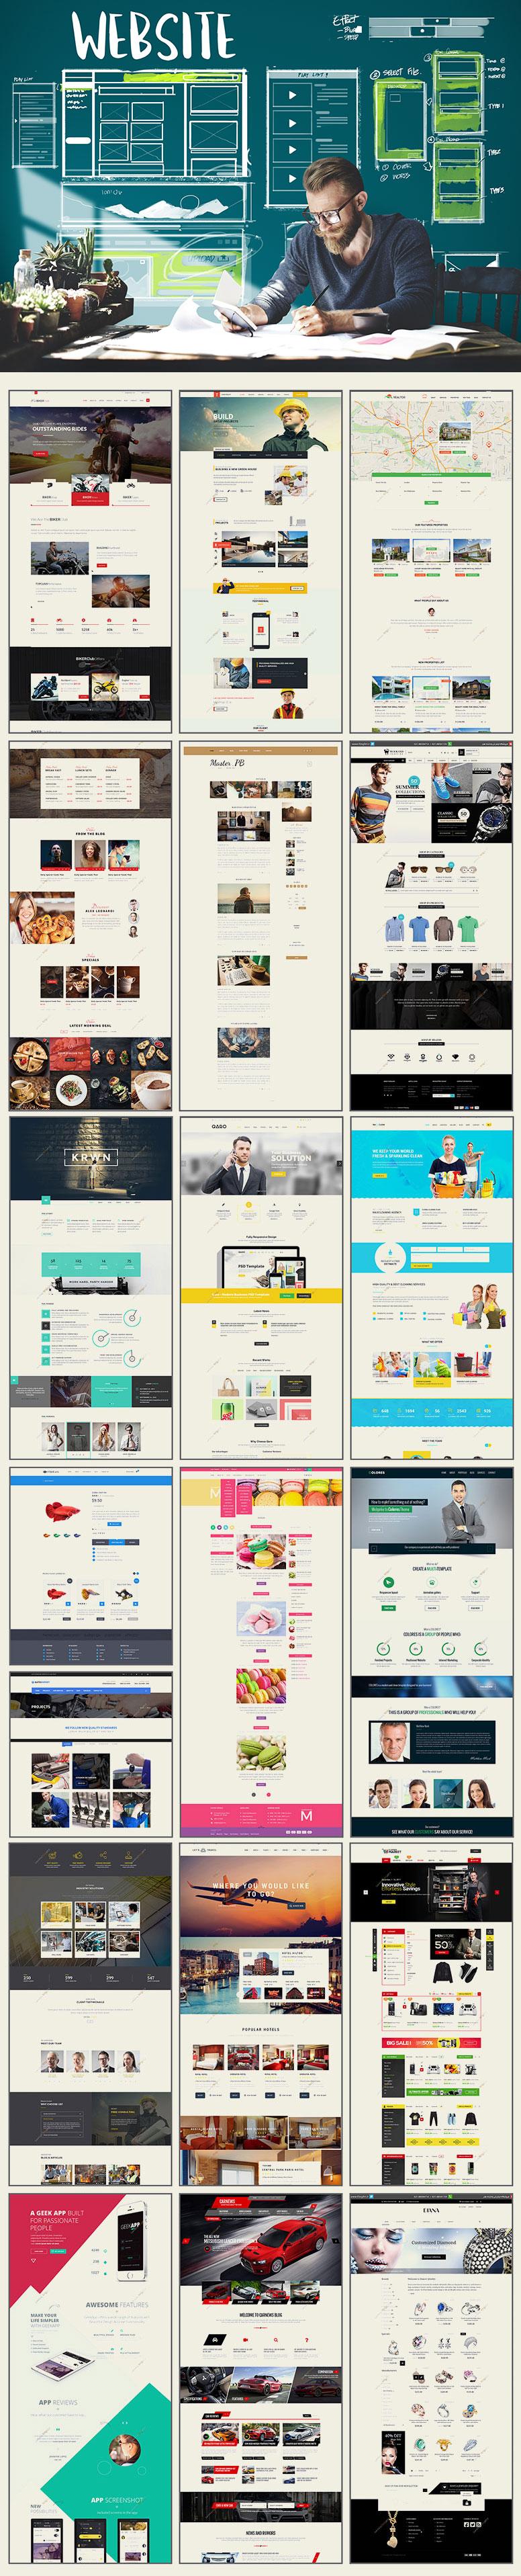 قالب وب سایت web graphic گرافیک وب